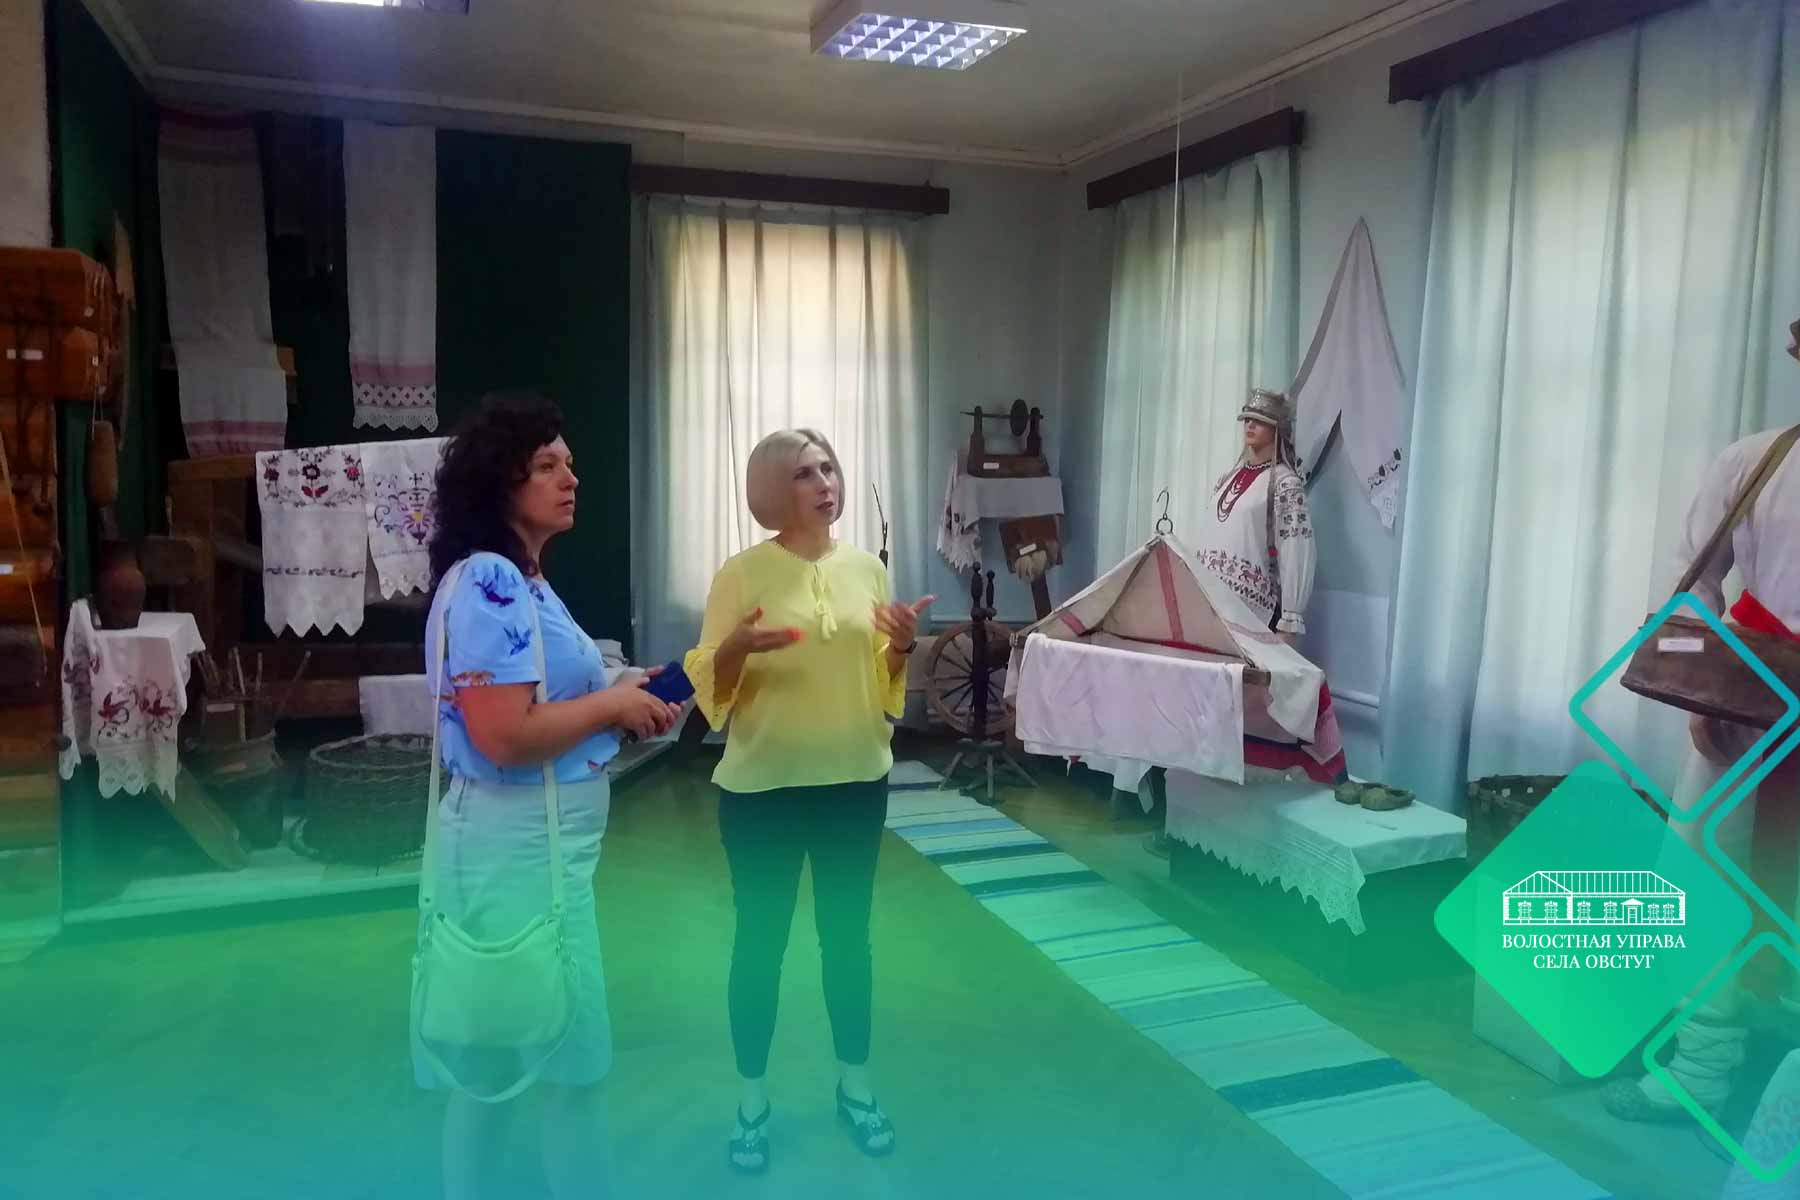 """Новости проекта """"Волостная управа как центр жизни села Овстуг"""""""